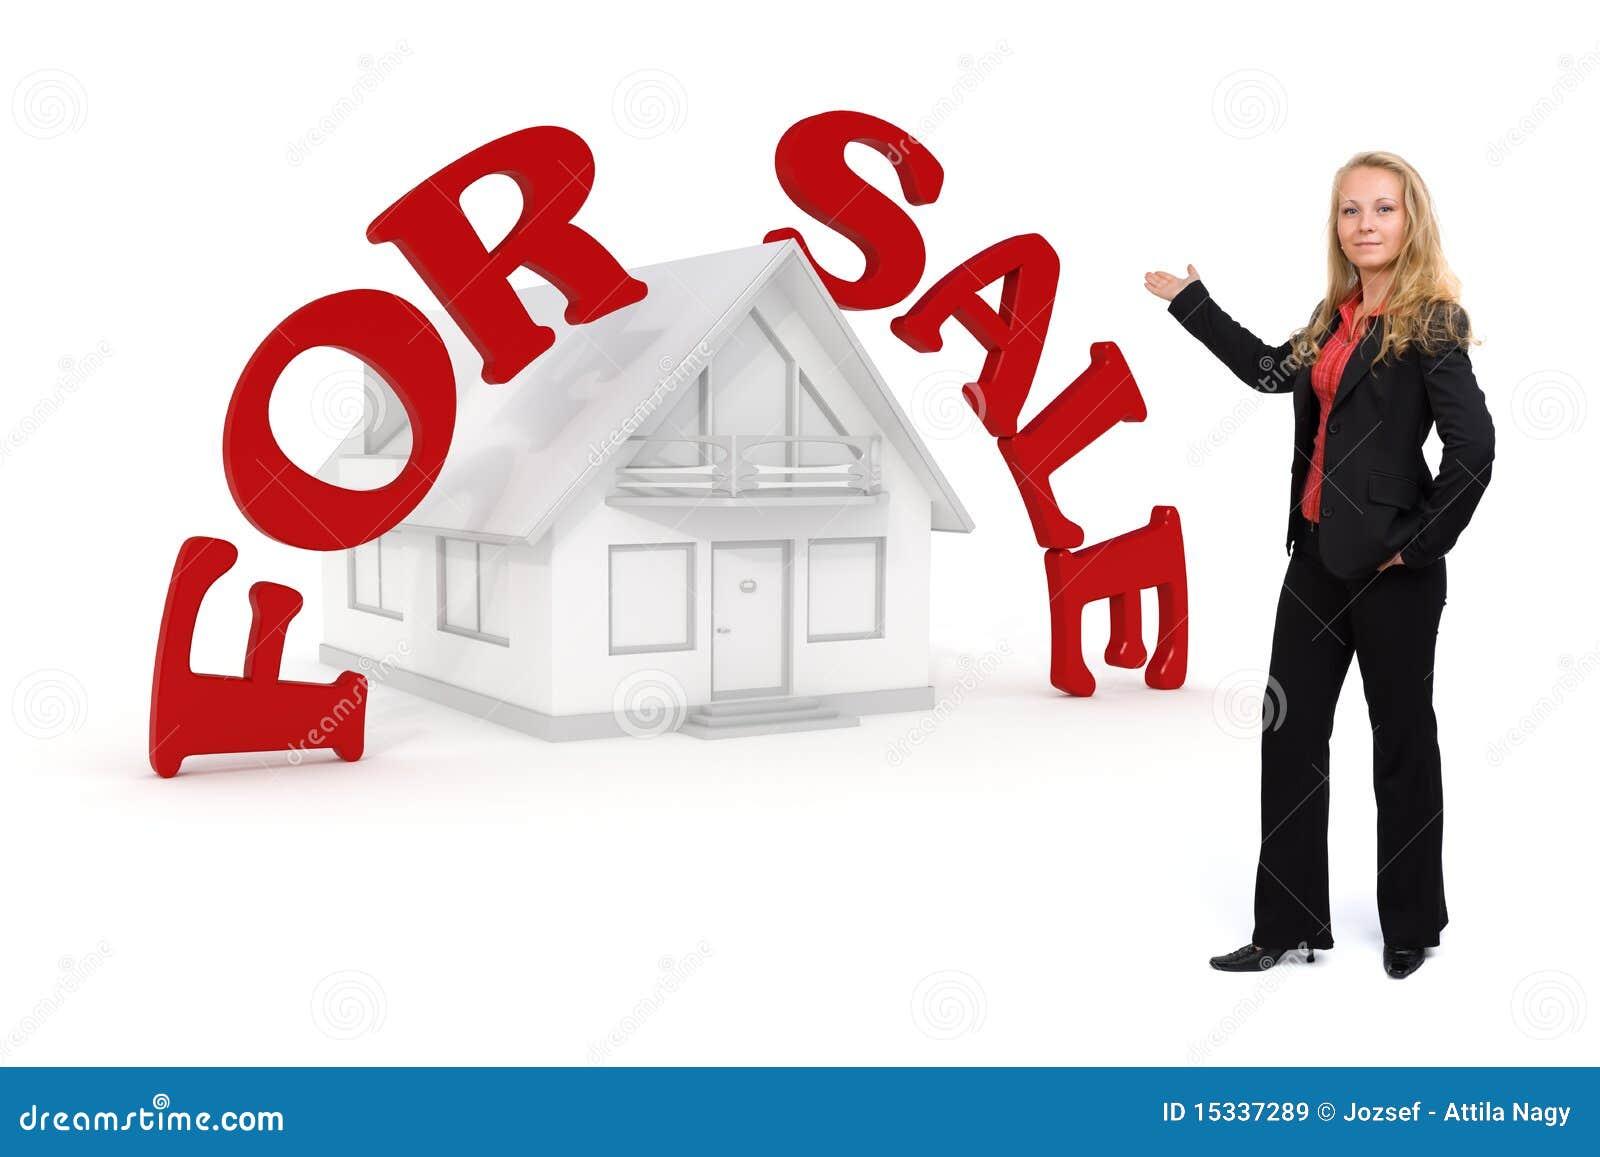 De presentatie van het huis voor verkoop stock illustratie afbeelding 15337289 - Huis verkoop ...